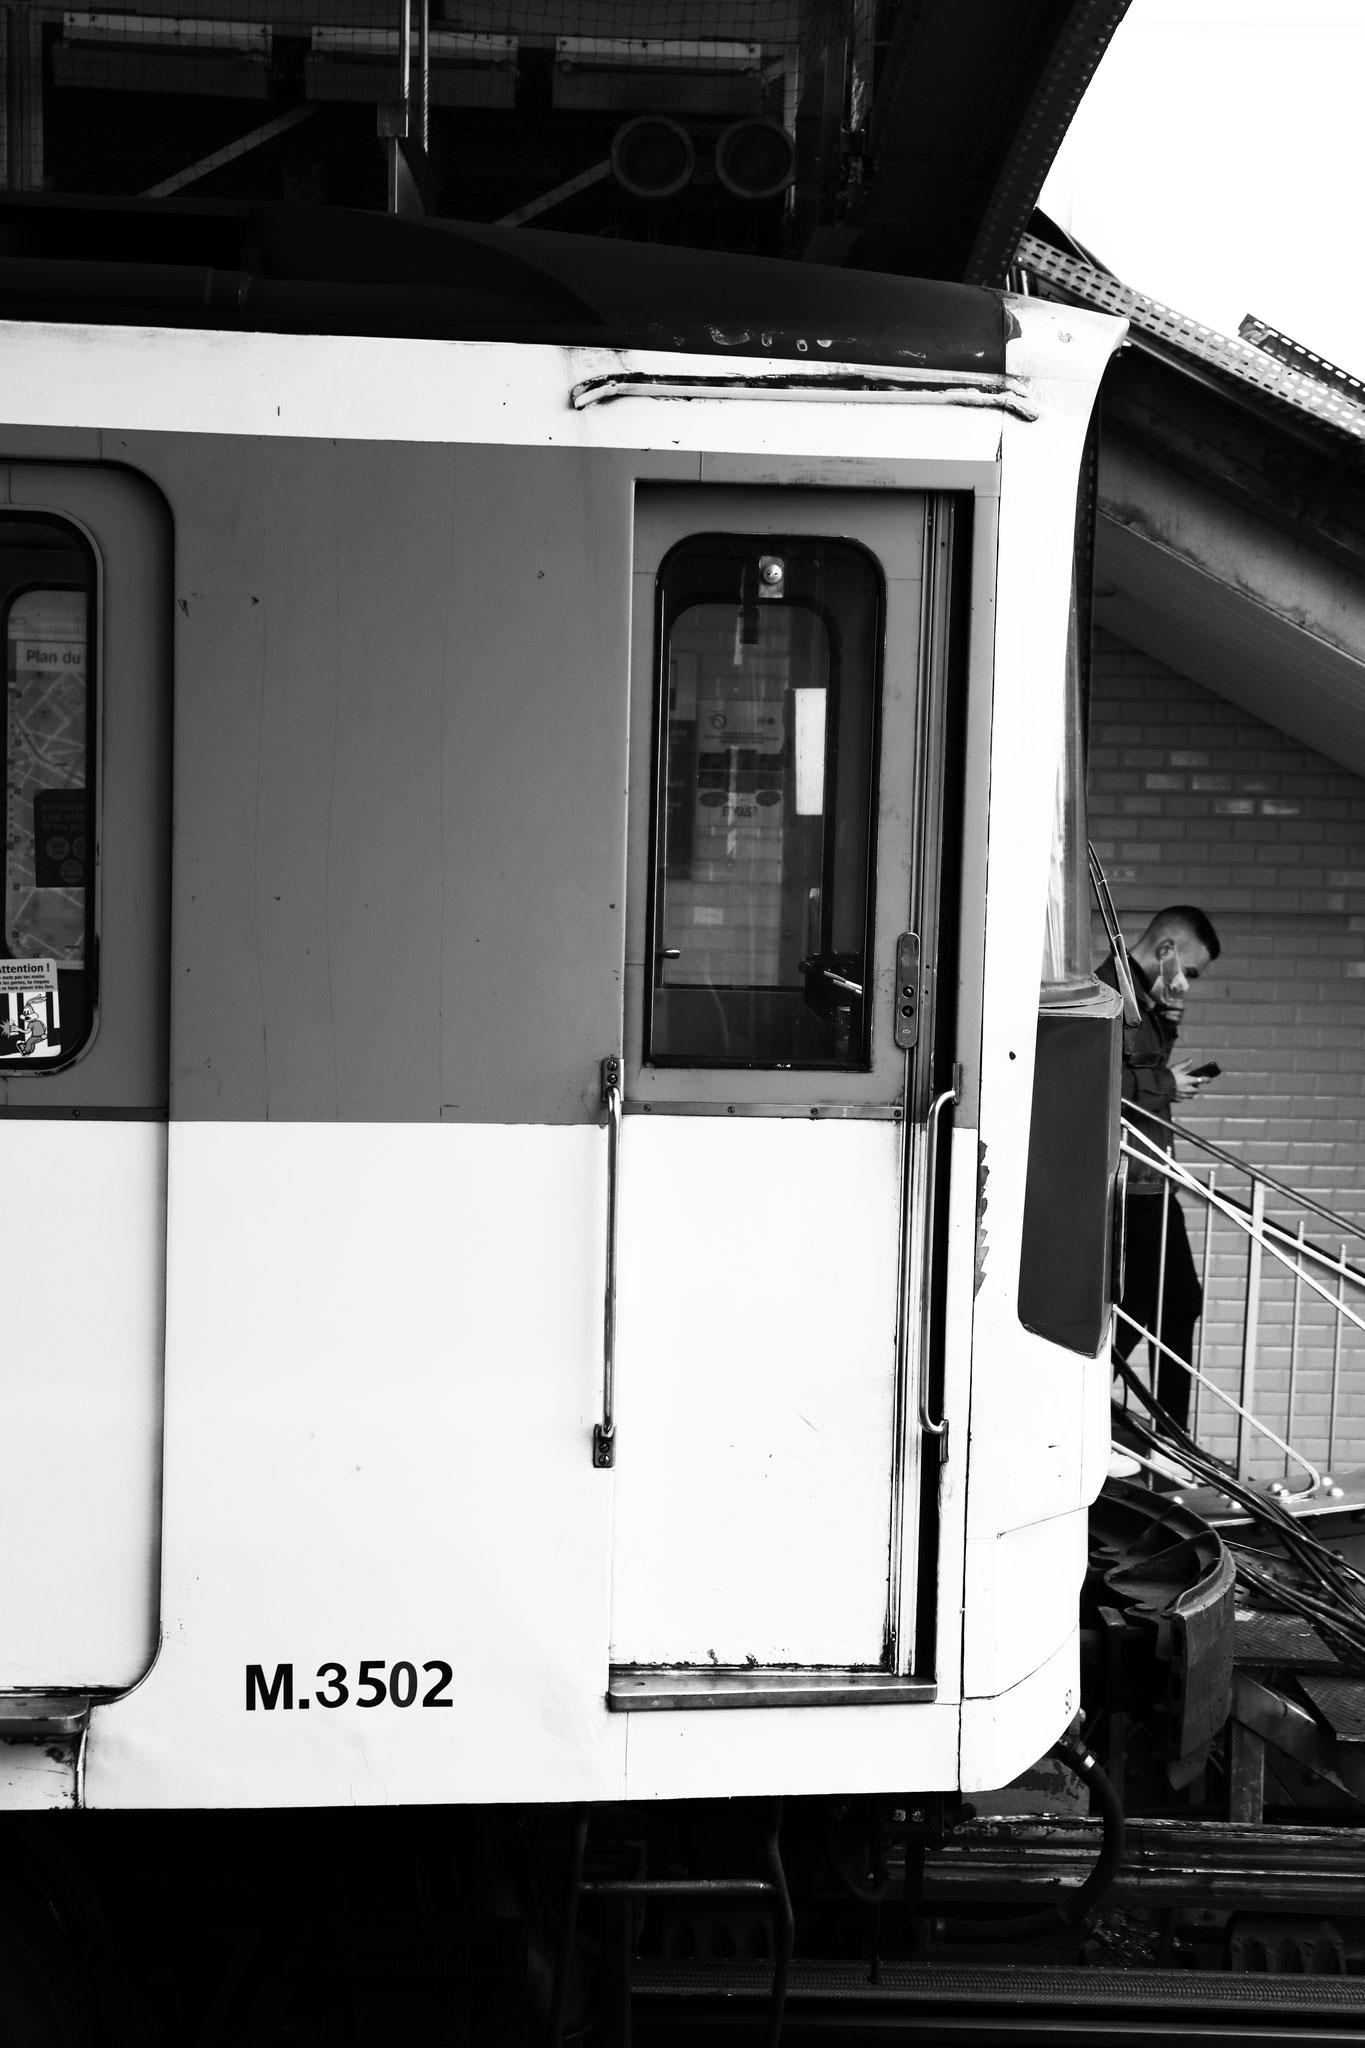 """""""Out of the subway"""" - Station La Motte-Picquet - Grenelle (M°6), Paris (2021). Canon 5D Mark IV + 24-105mm. ©Clémence Rougetet"""